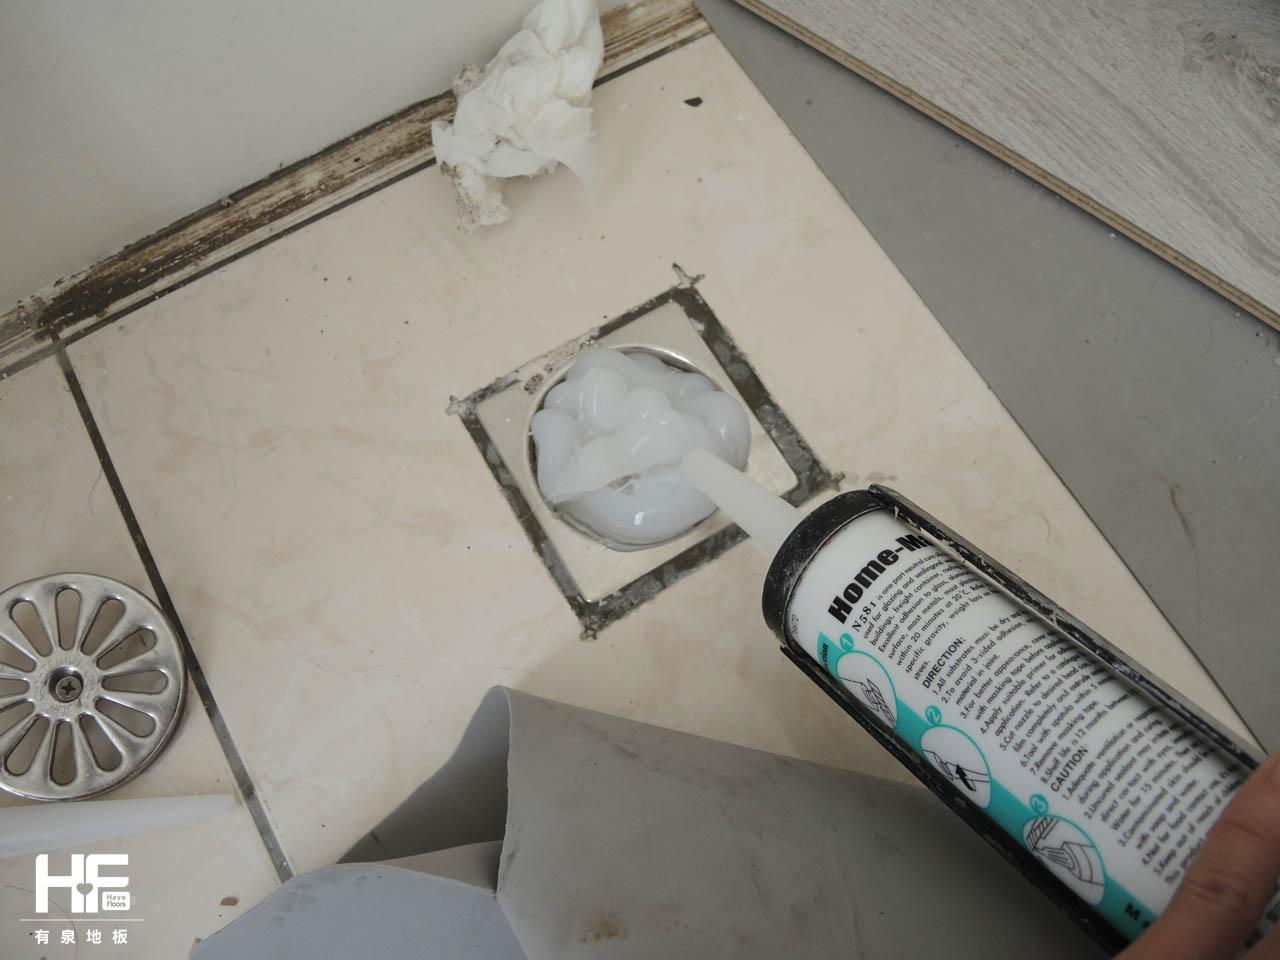 超耐磨地板 你一定要在意的小事! [ 排水孔怎麼辦? 如何封住排水孔?]